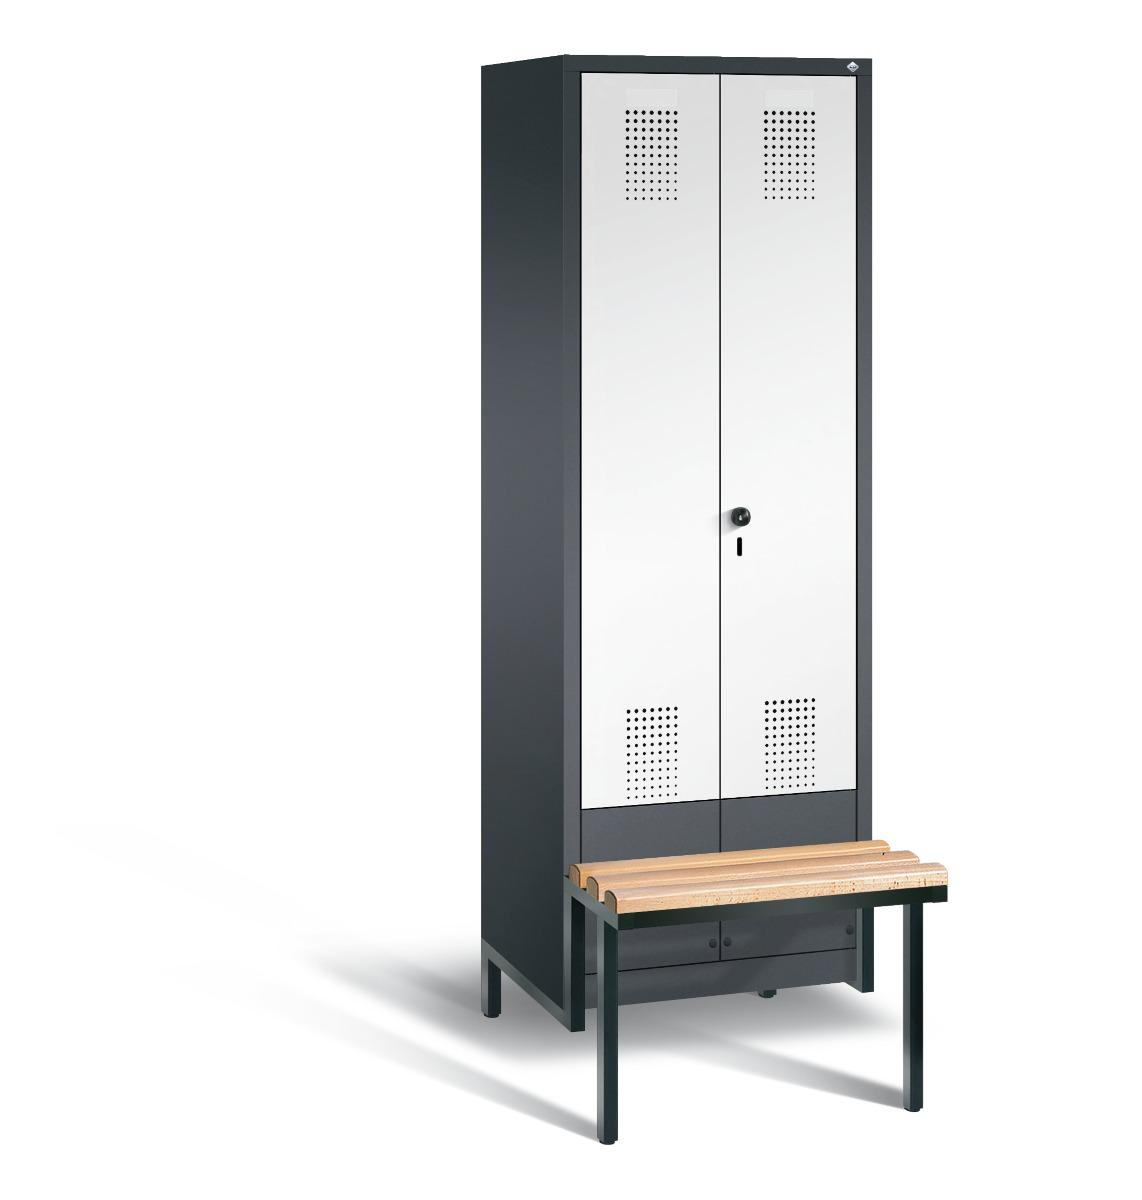 Garderobekast met zitbank en naar elkaar toeslaande deuren S3500 Evolo